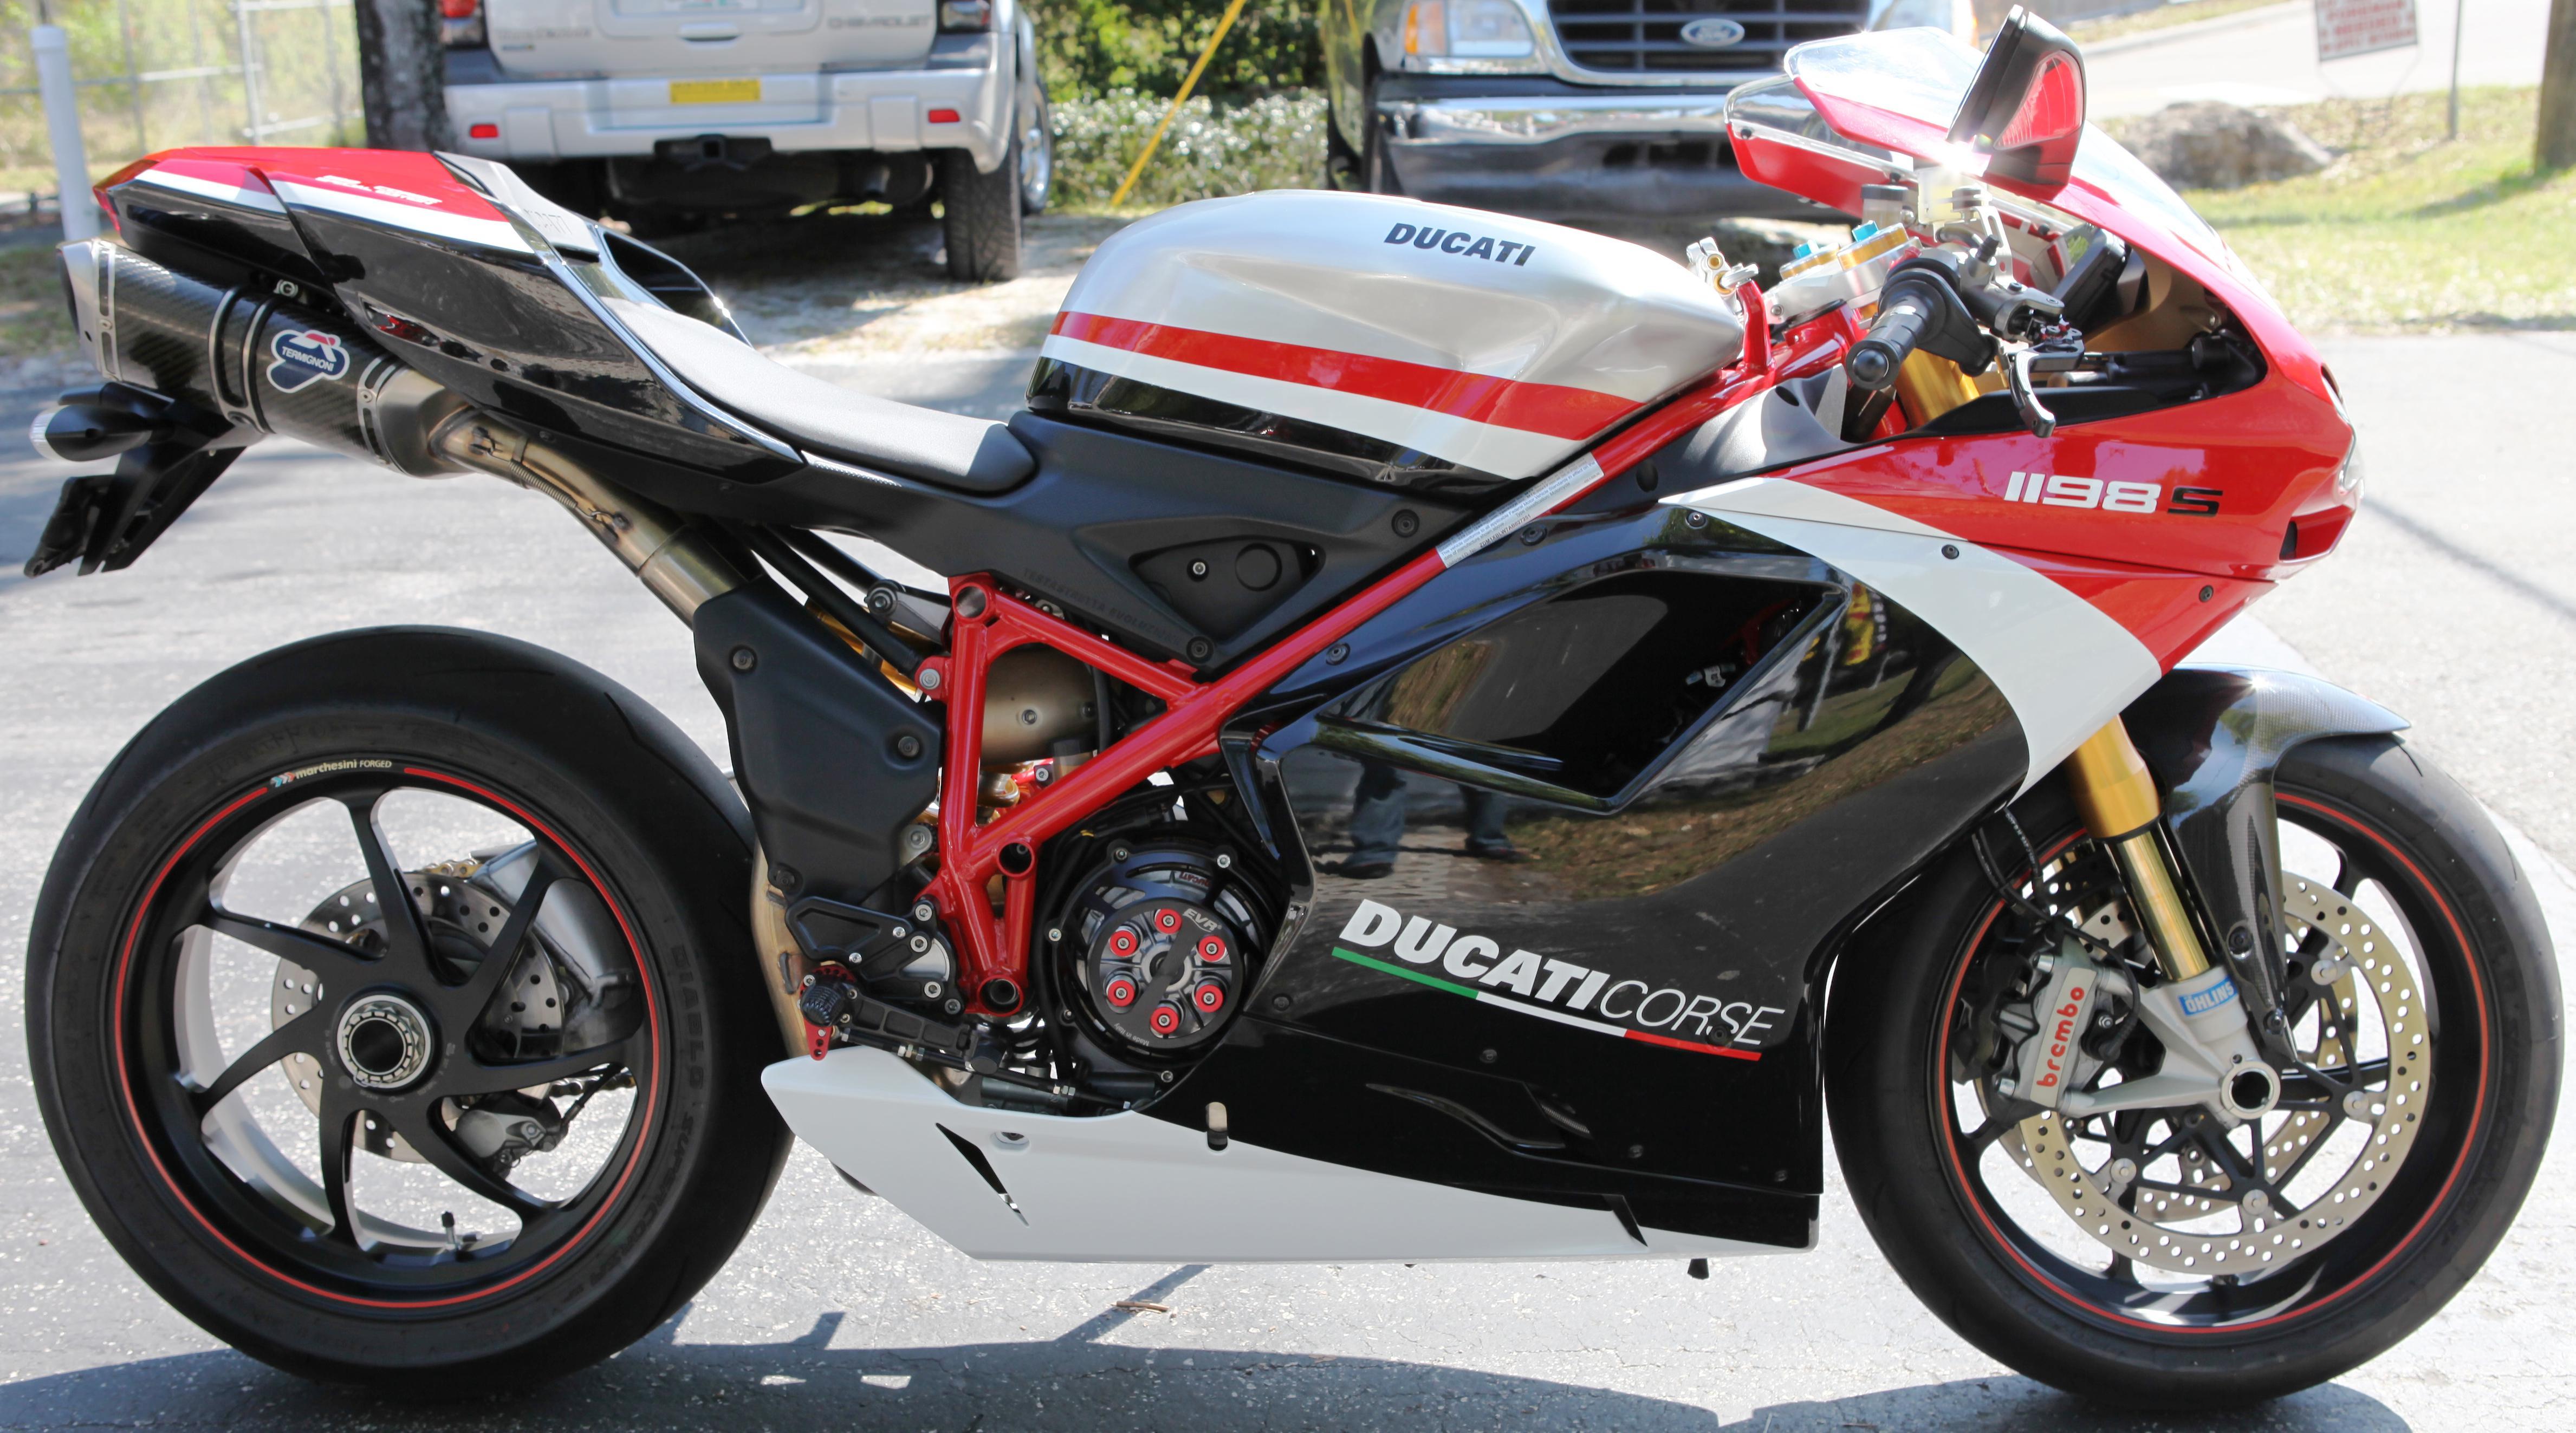 Ducati Bimota For Sale